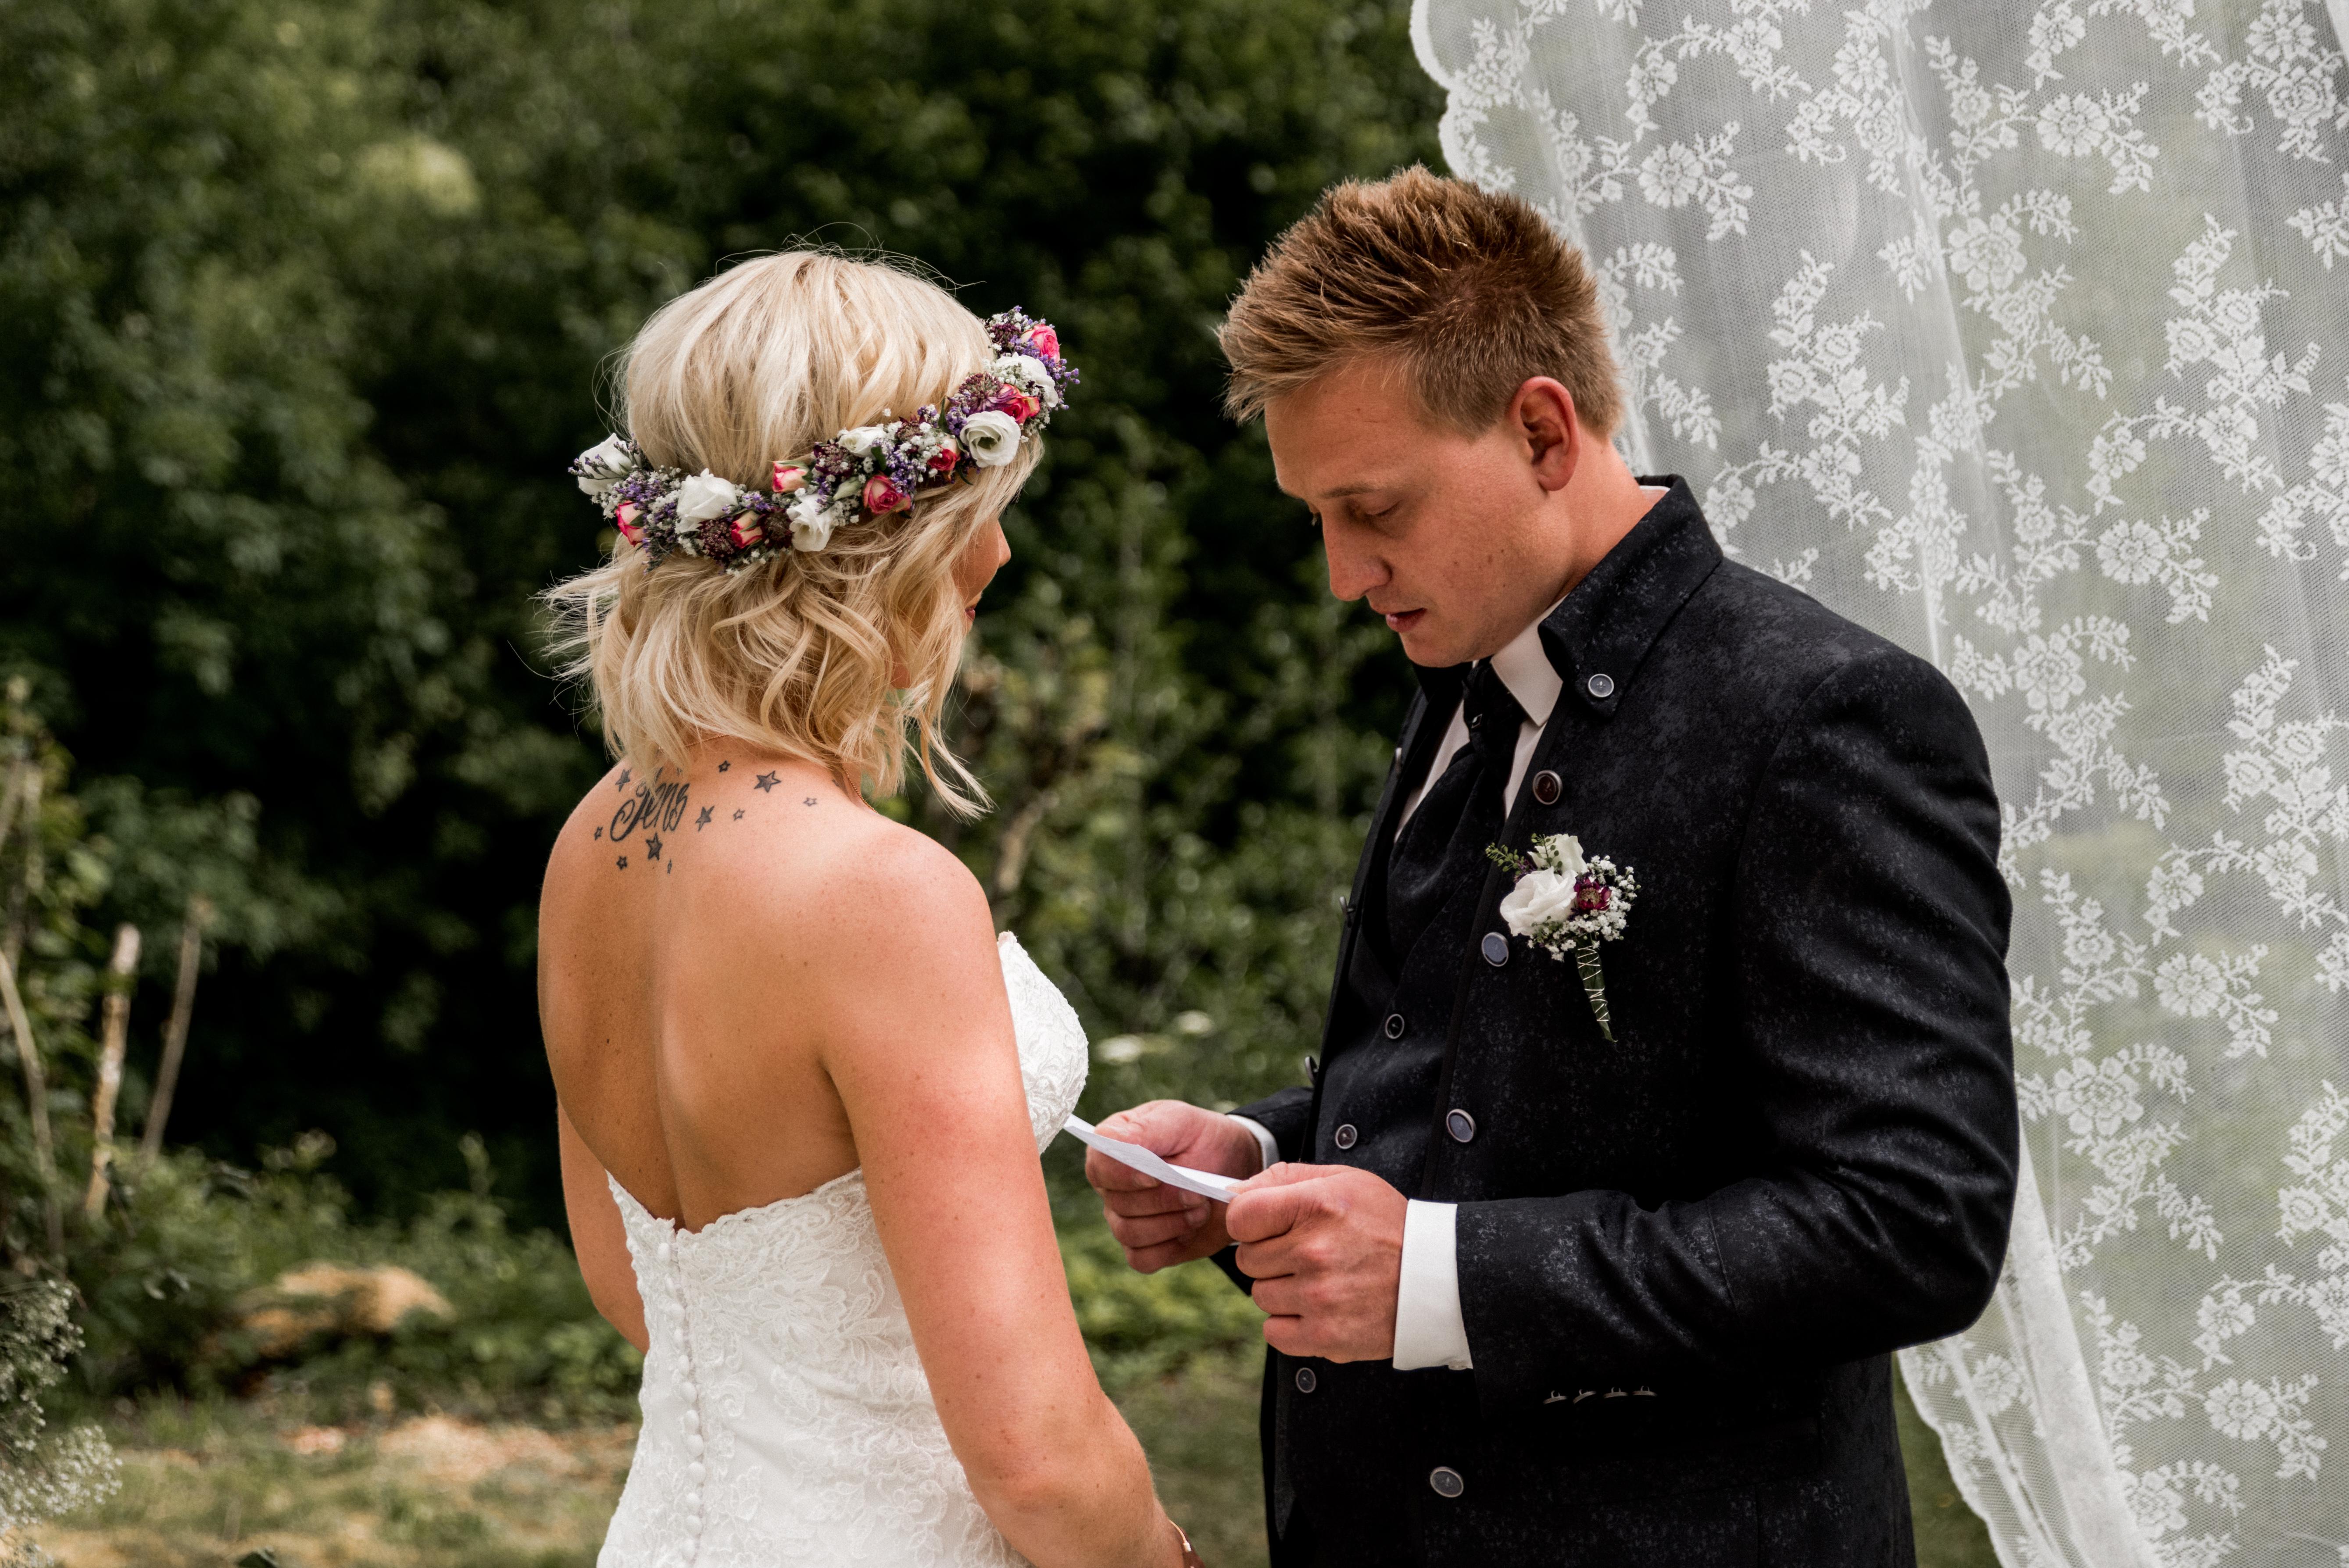 Hochzeit hochzeitsshooting Brautpaar Brautkleid Braut wedding Hochzeitsfotografin Kirche Kirchliche First Kiss freie Trauung Rede Hochzeitsrede Gelübte